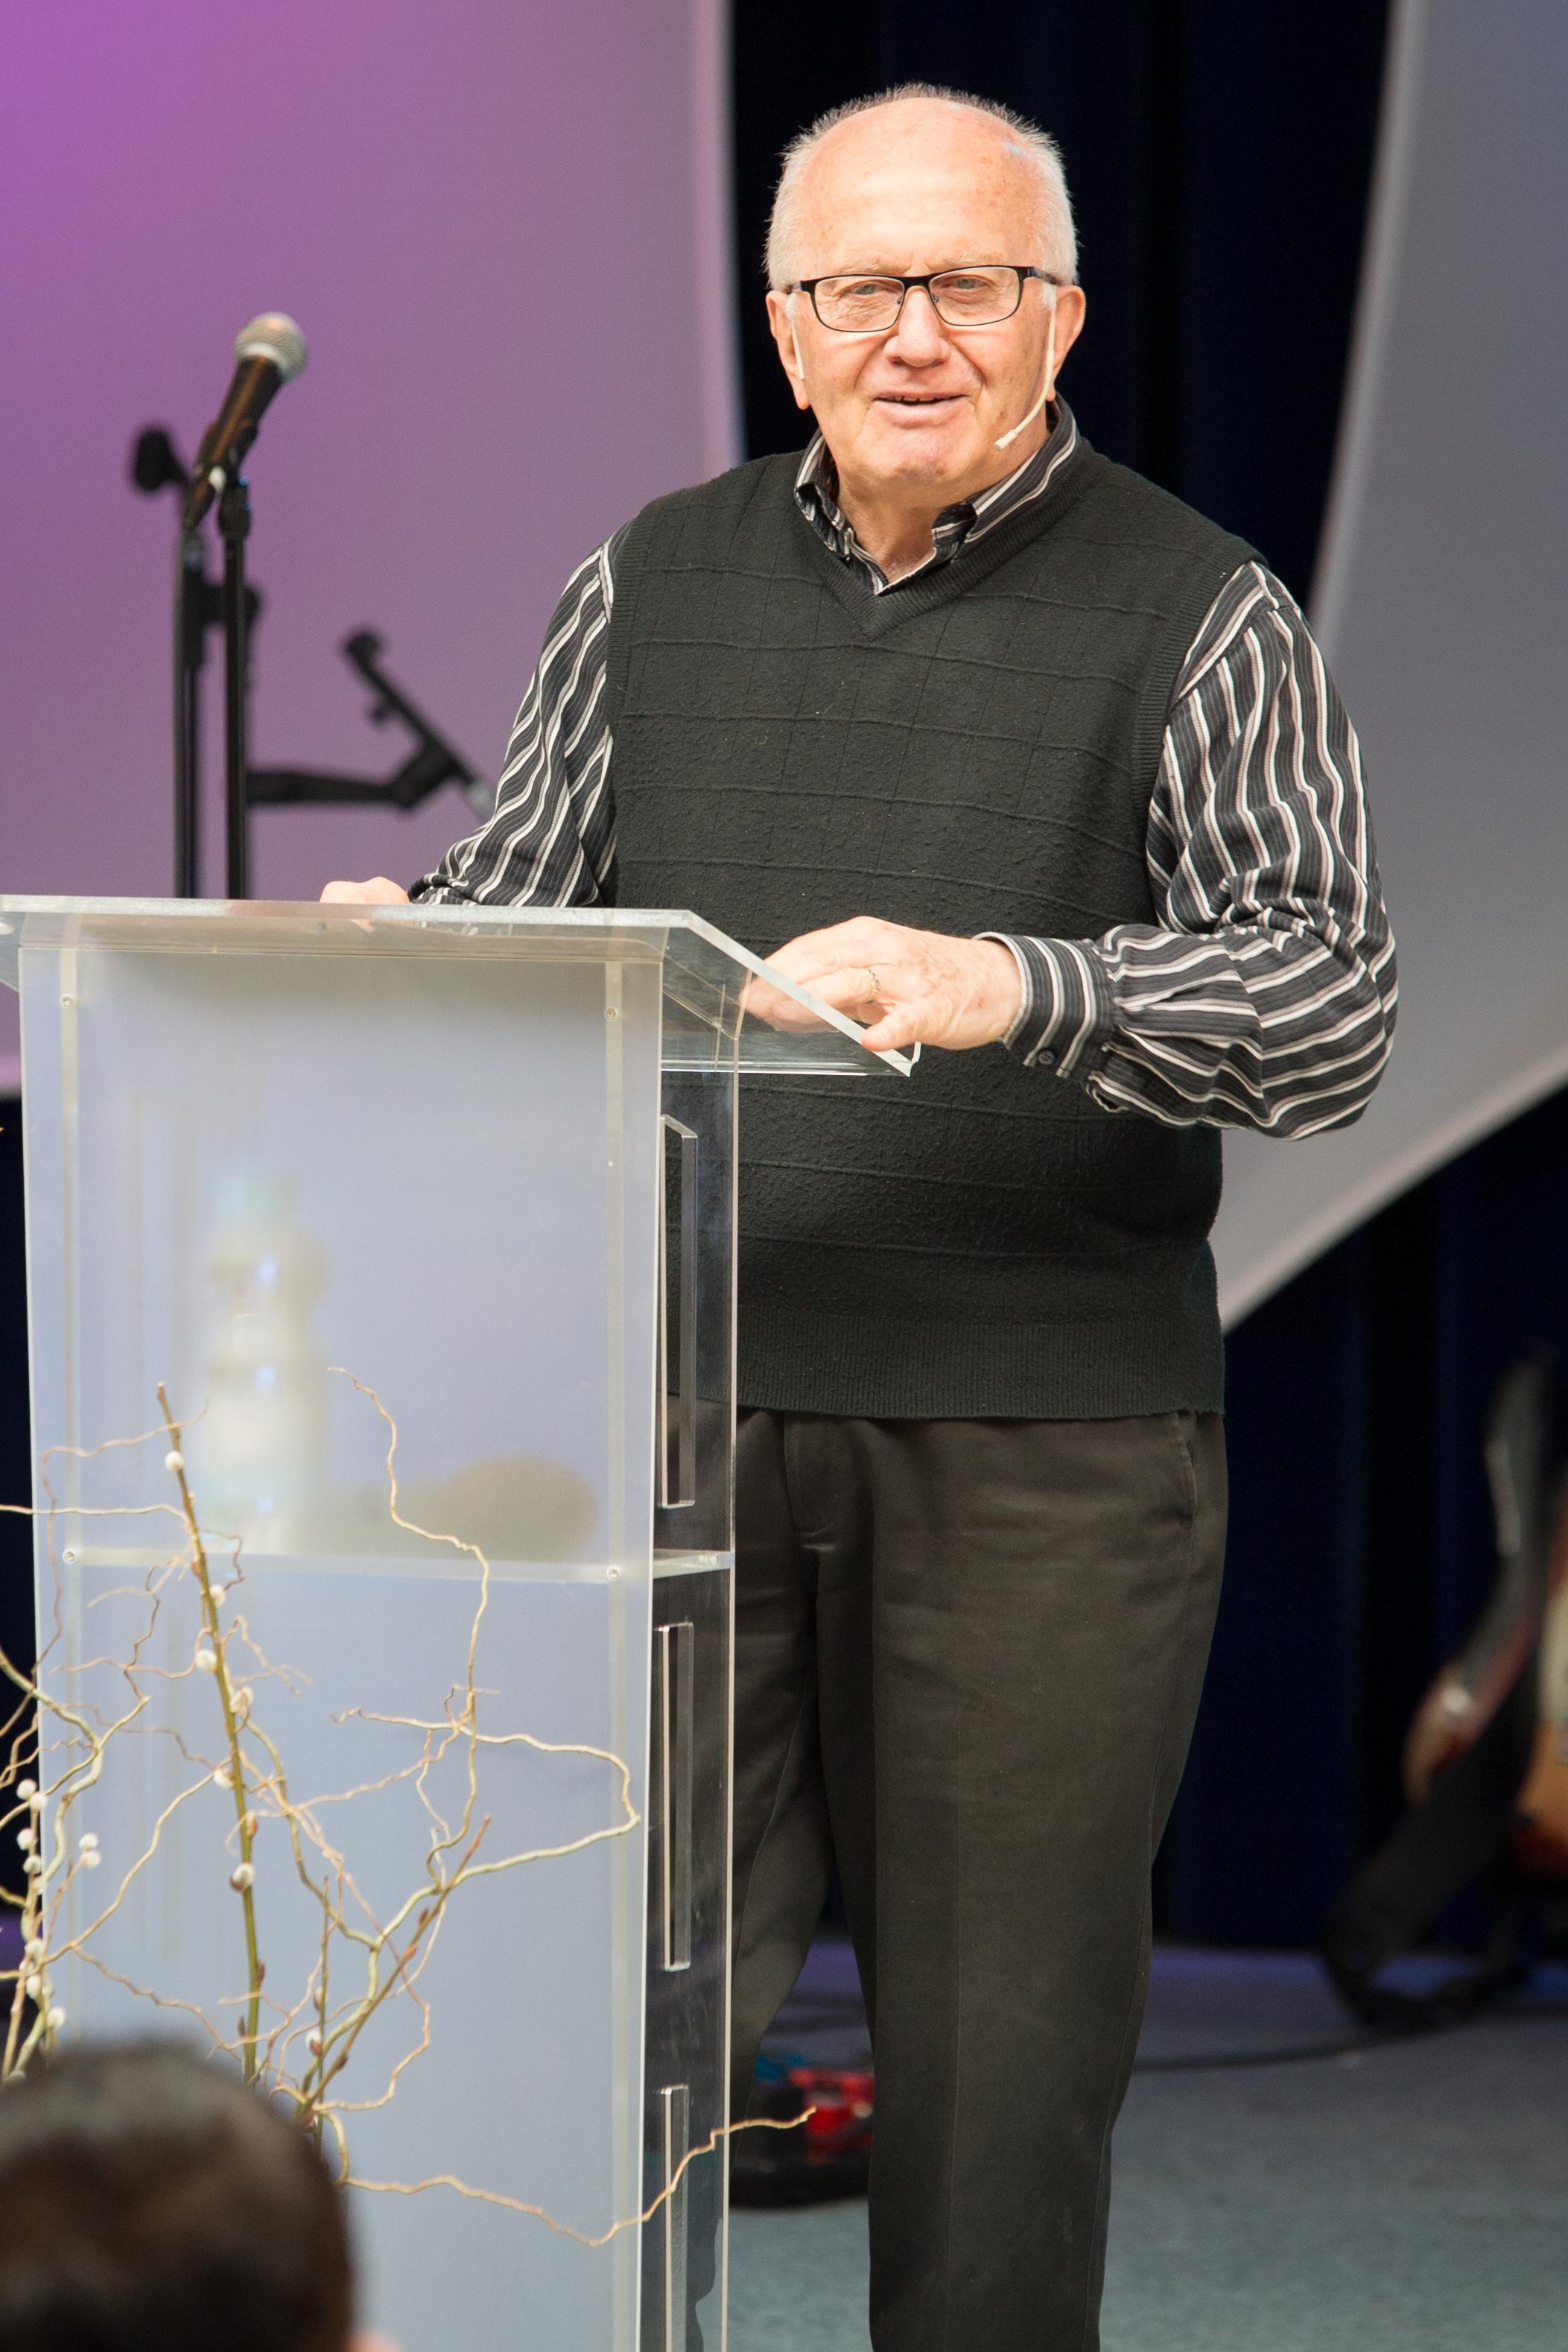 Werner Kniesel